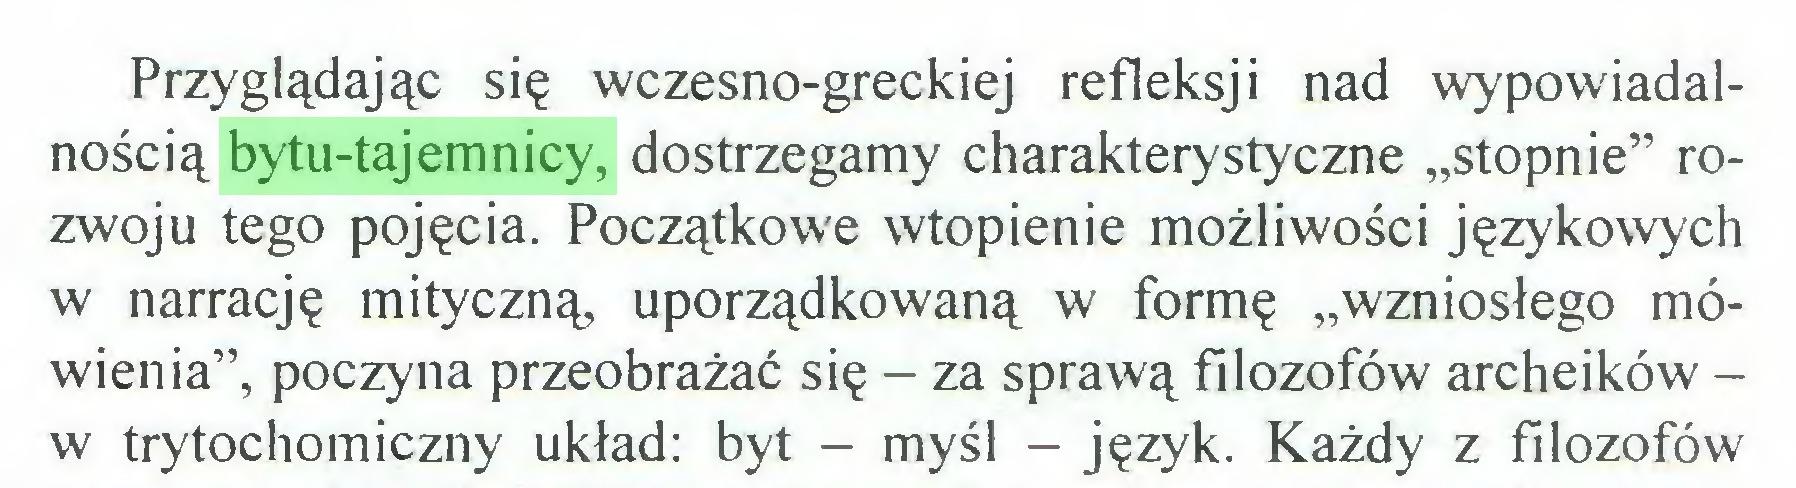 """(...) Przyglądając się wczesno-greckiej refleksji nad wypowiadalnością bytu-tajemnicy, dostrzegamy charakterystyczne """"stopnie"""" rozwoju tego pojęcia. Początkowe wtopienie możliwości językowych w narrację mityczną, uporządkowaną w formę """"wzniosłego mówienia"""", poczyna przeobrażać się - za sprawą filozofów archeików w trytochomiczny układ: byt - myśl - język. Każdy z filozofów..."""